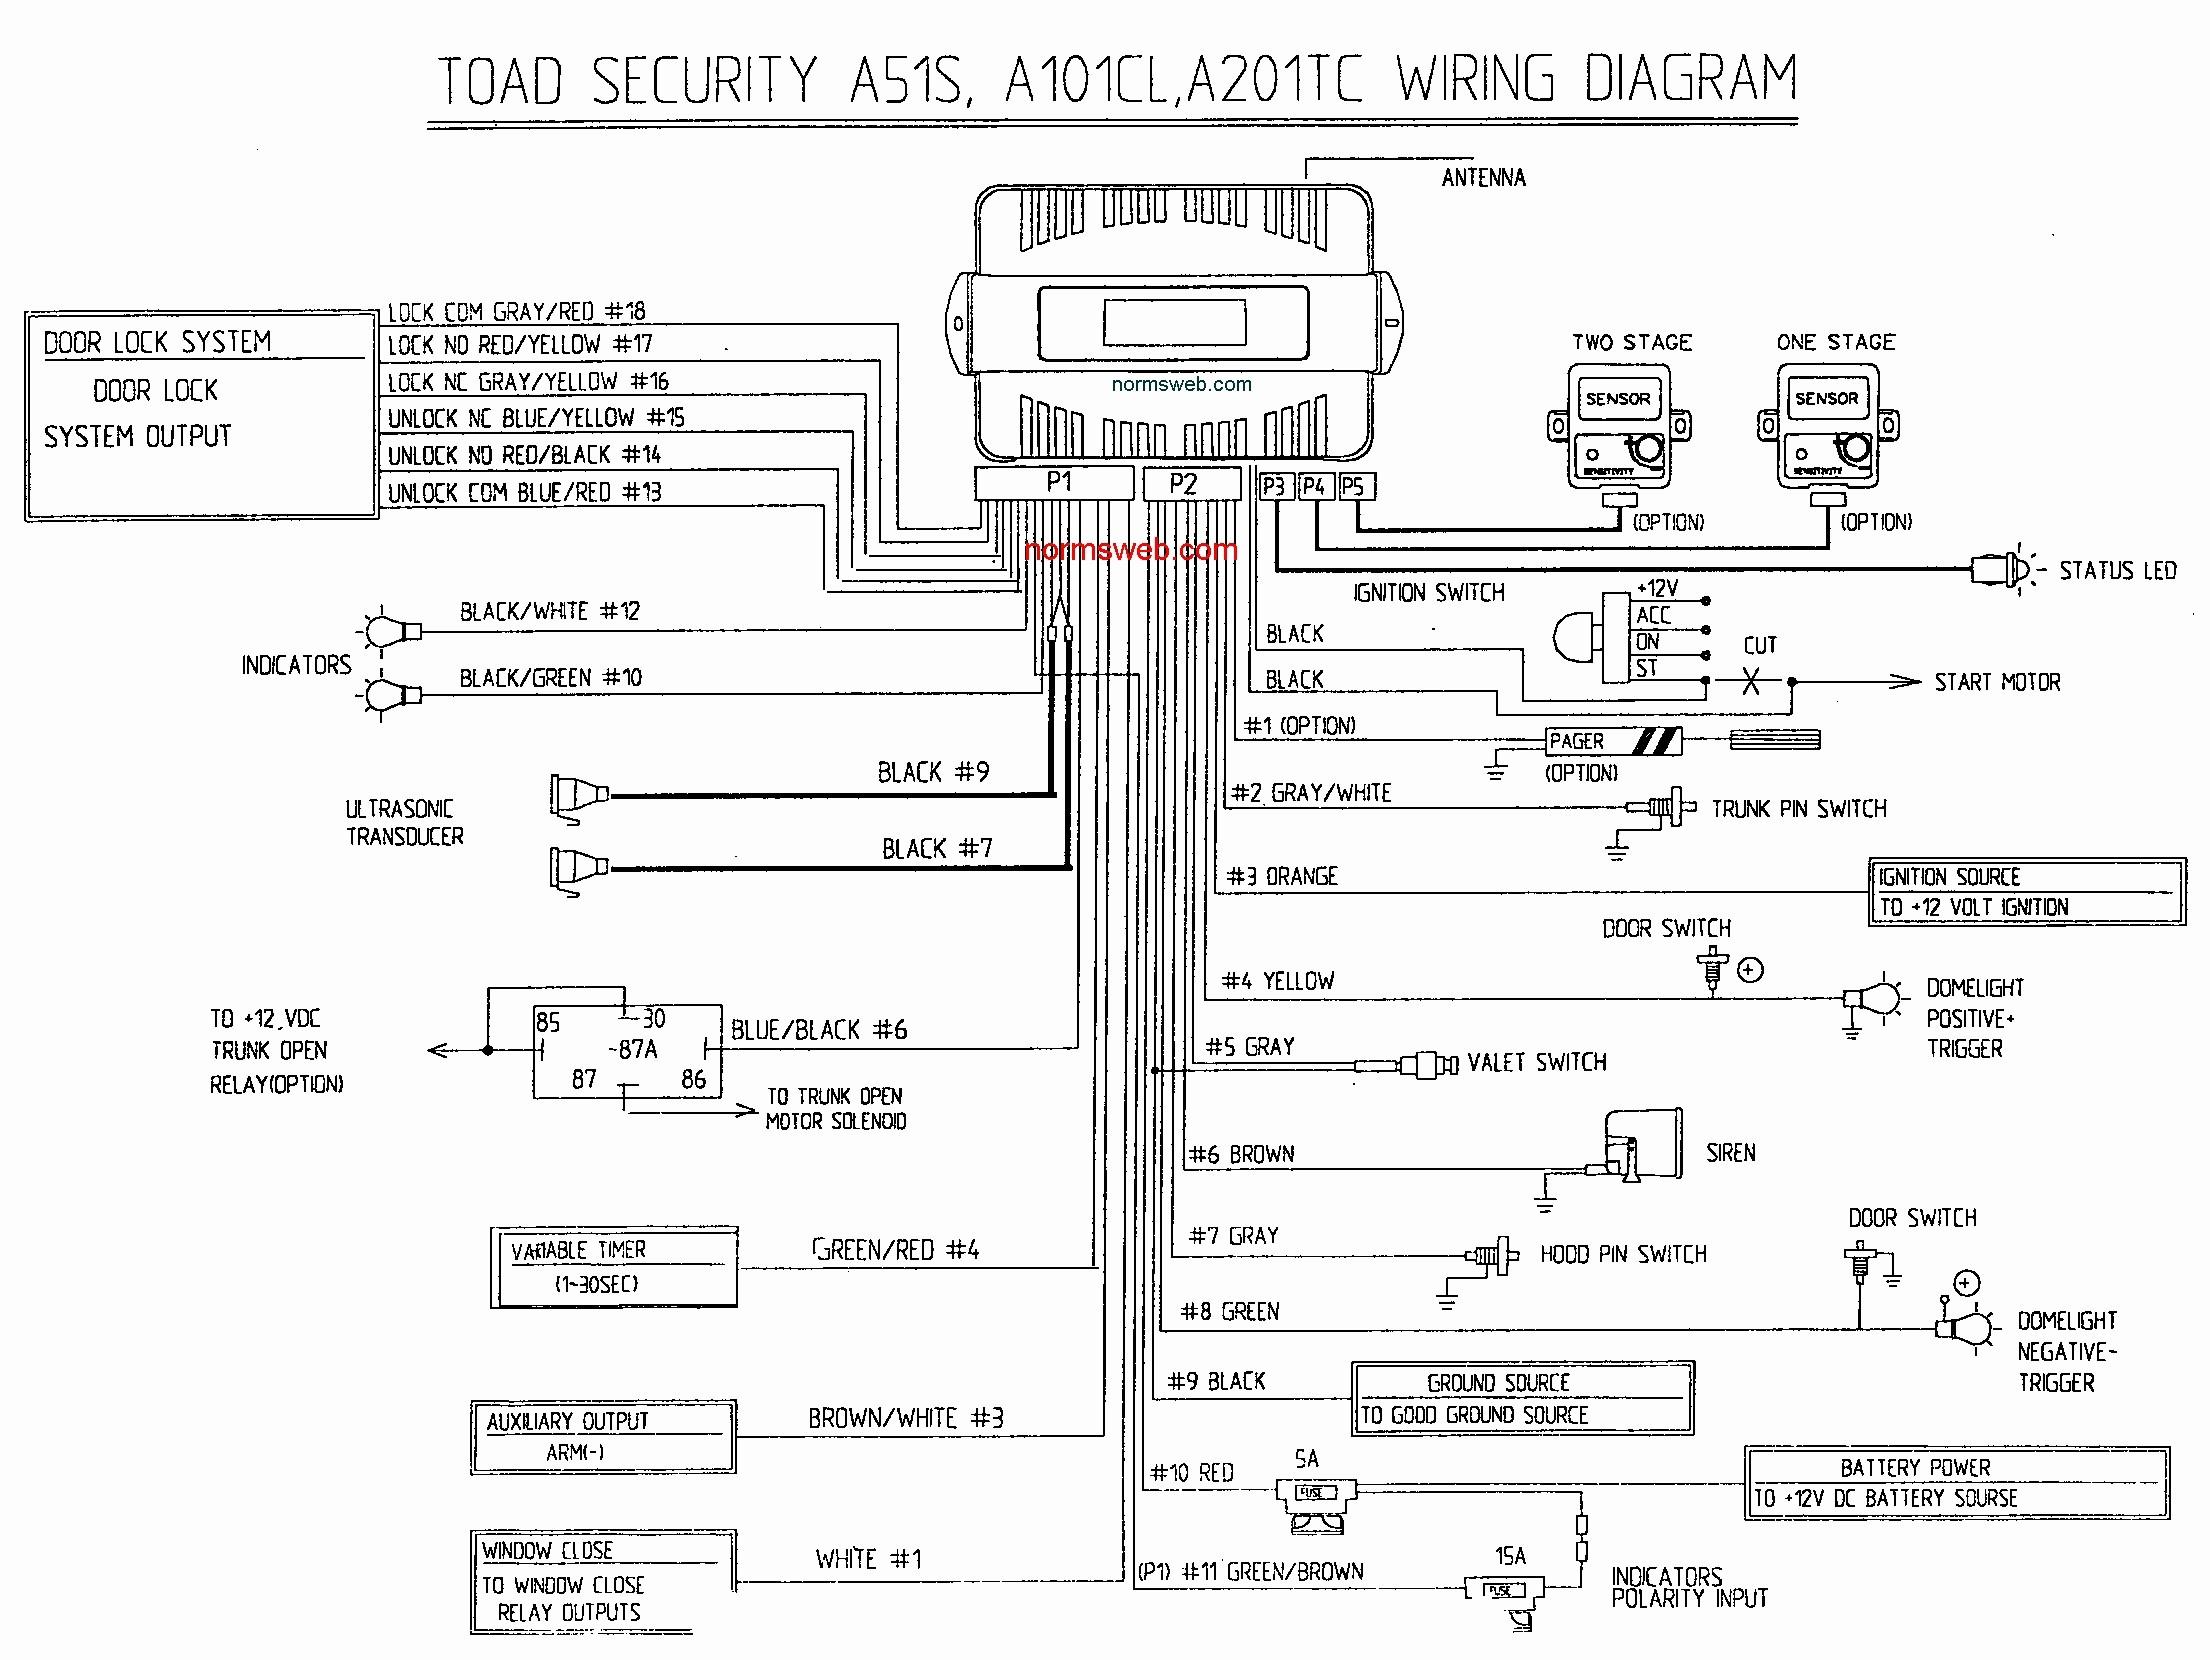 Xcrs 500m Wiring Diagram | #1 Wiring Diagram Source Xcrs M Wiring Diagram Avital on